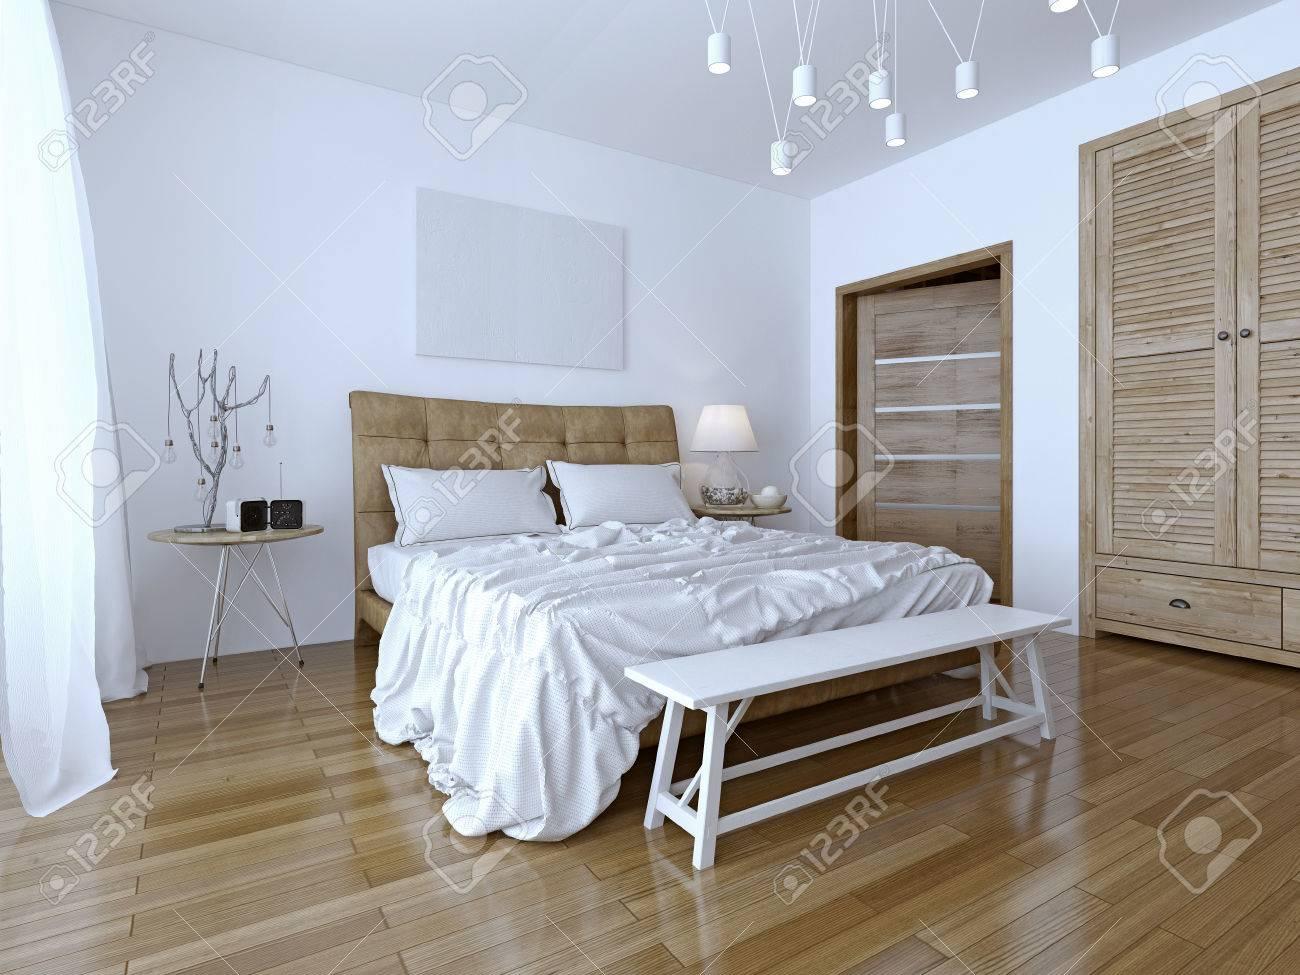 Schöne Und Moderne Haus Und Hotel Zimmer Der Kontrast Der Beiden